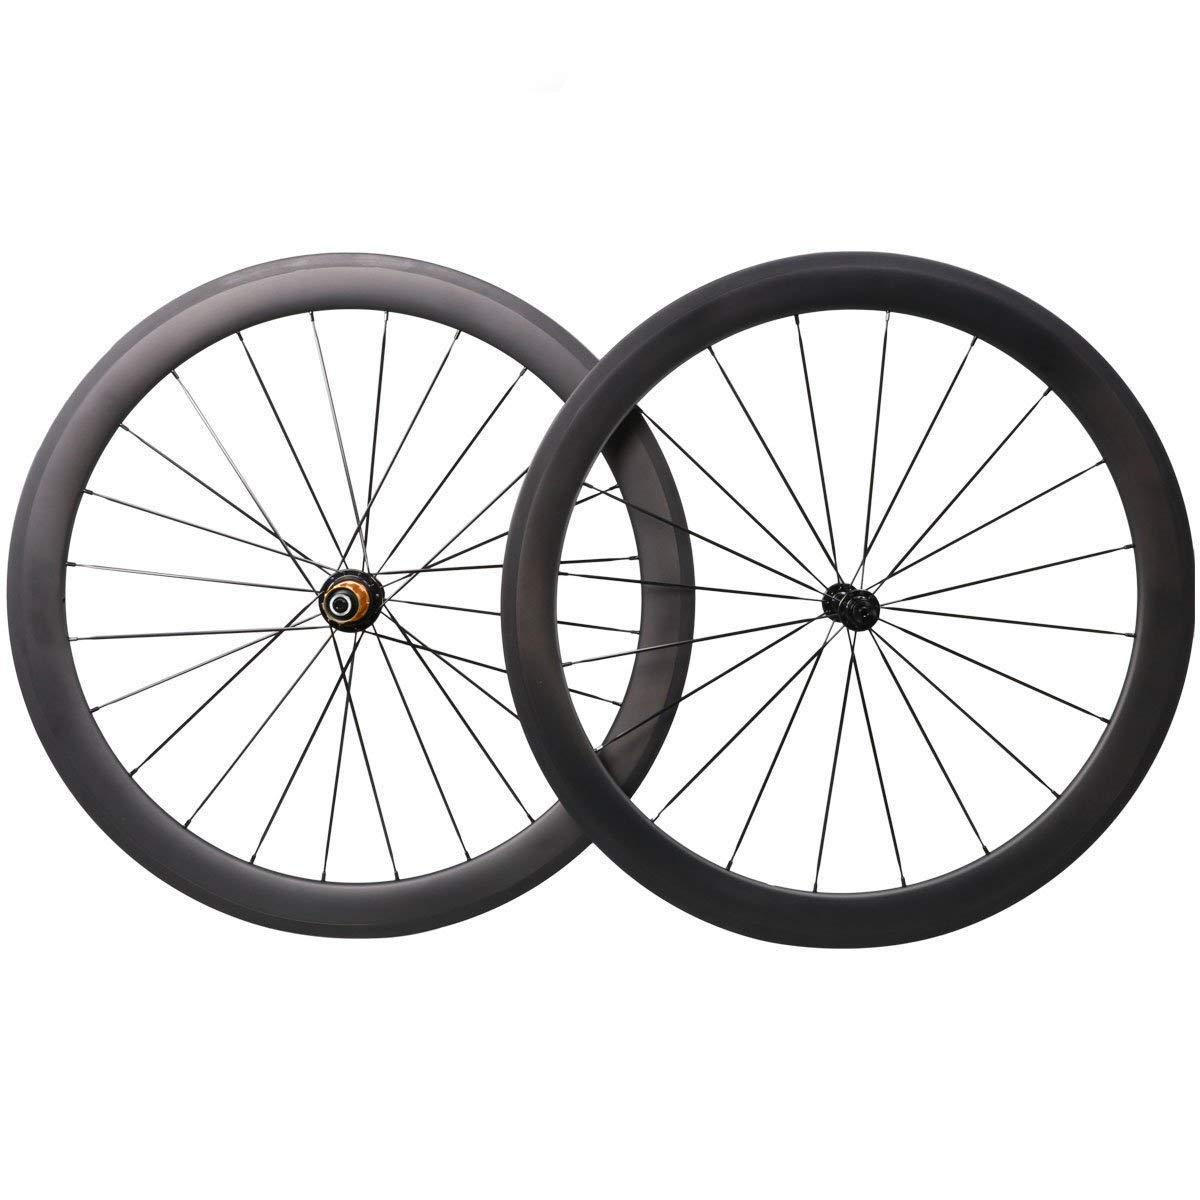 ホイール カーボン 自転車 700C リム 50TL 25幅 チューブレス ハプ Bitex 前後セット ホイールセット Sapim スポーク クリンチャー B07GYN49TP  ブラック 55mm